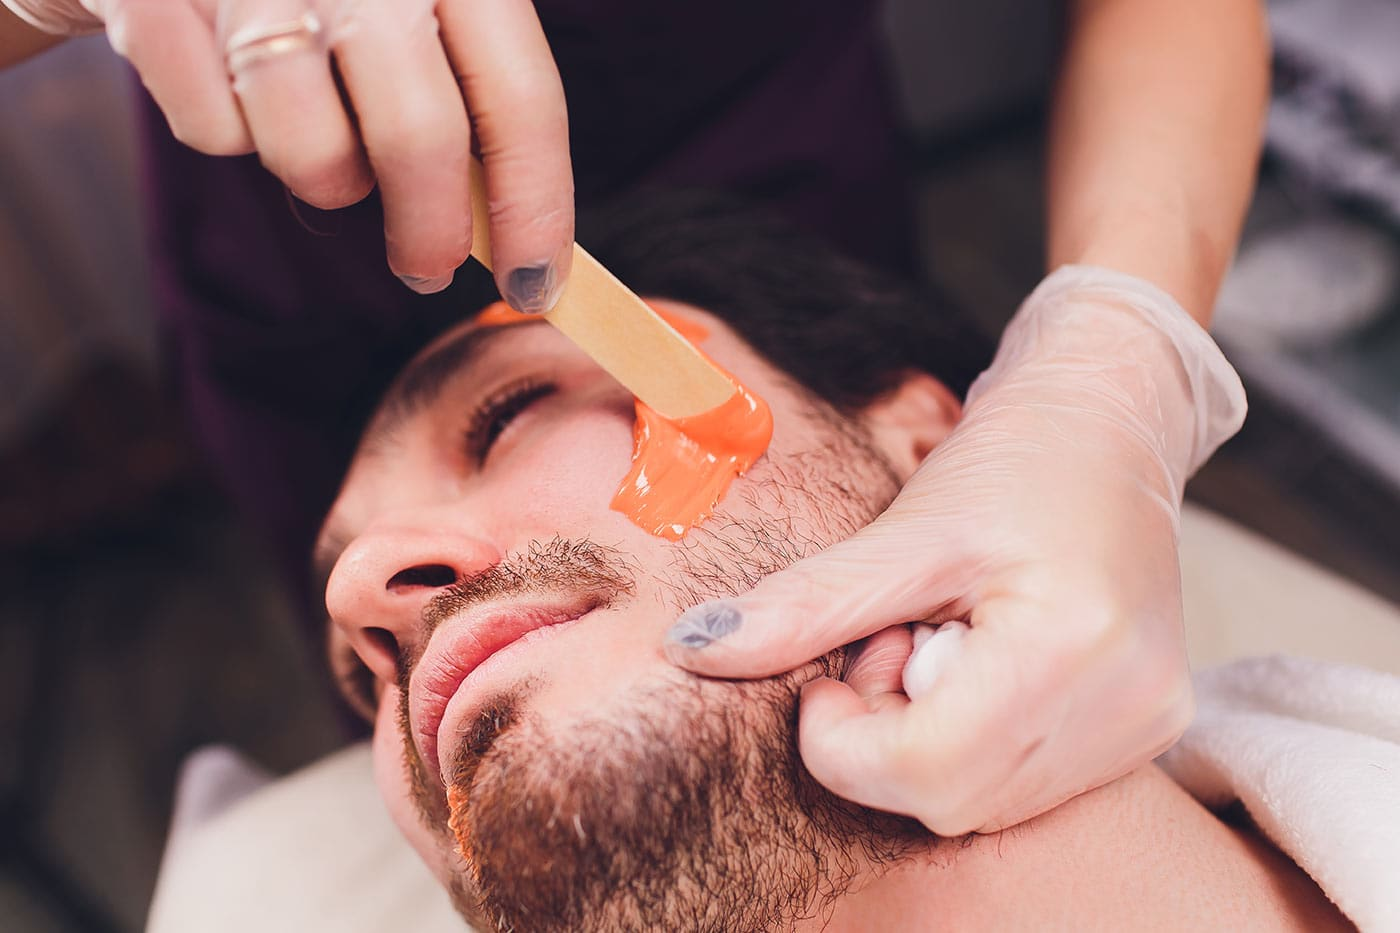 Не переоценивайте свой болевой порог, иначе процедура покажется вам экзекуцией (фото с kittykatwaxstudio.com)